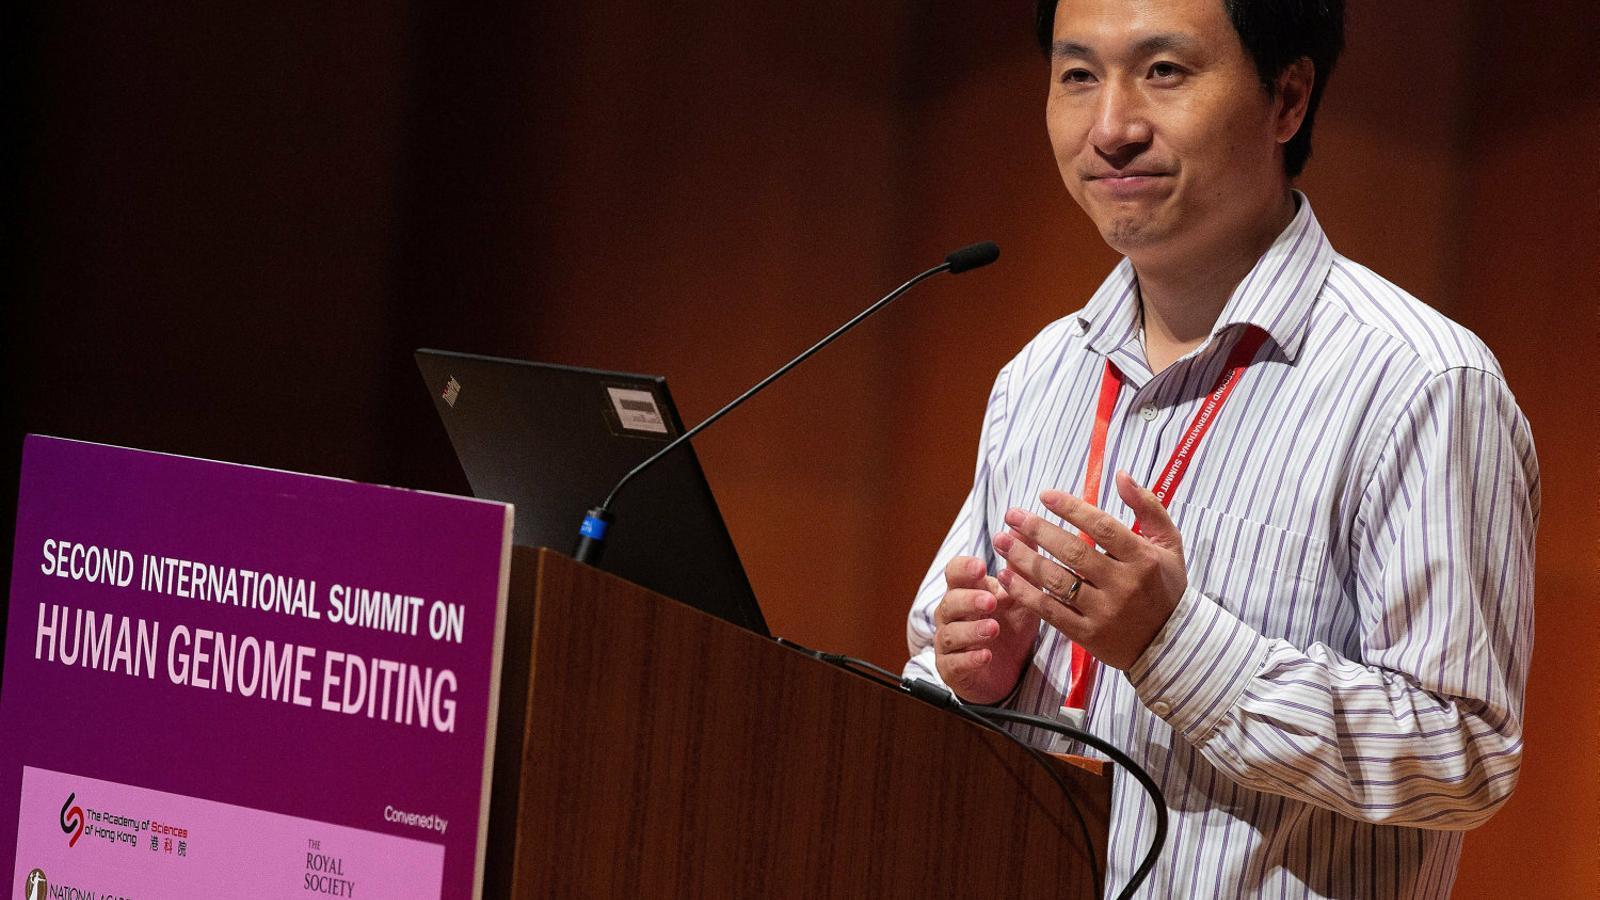 El frau de les bessones editades genèticament a la Xina